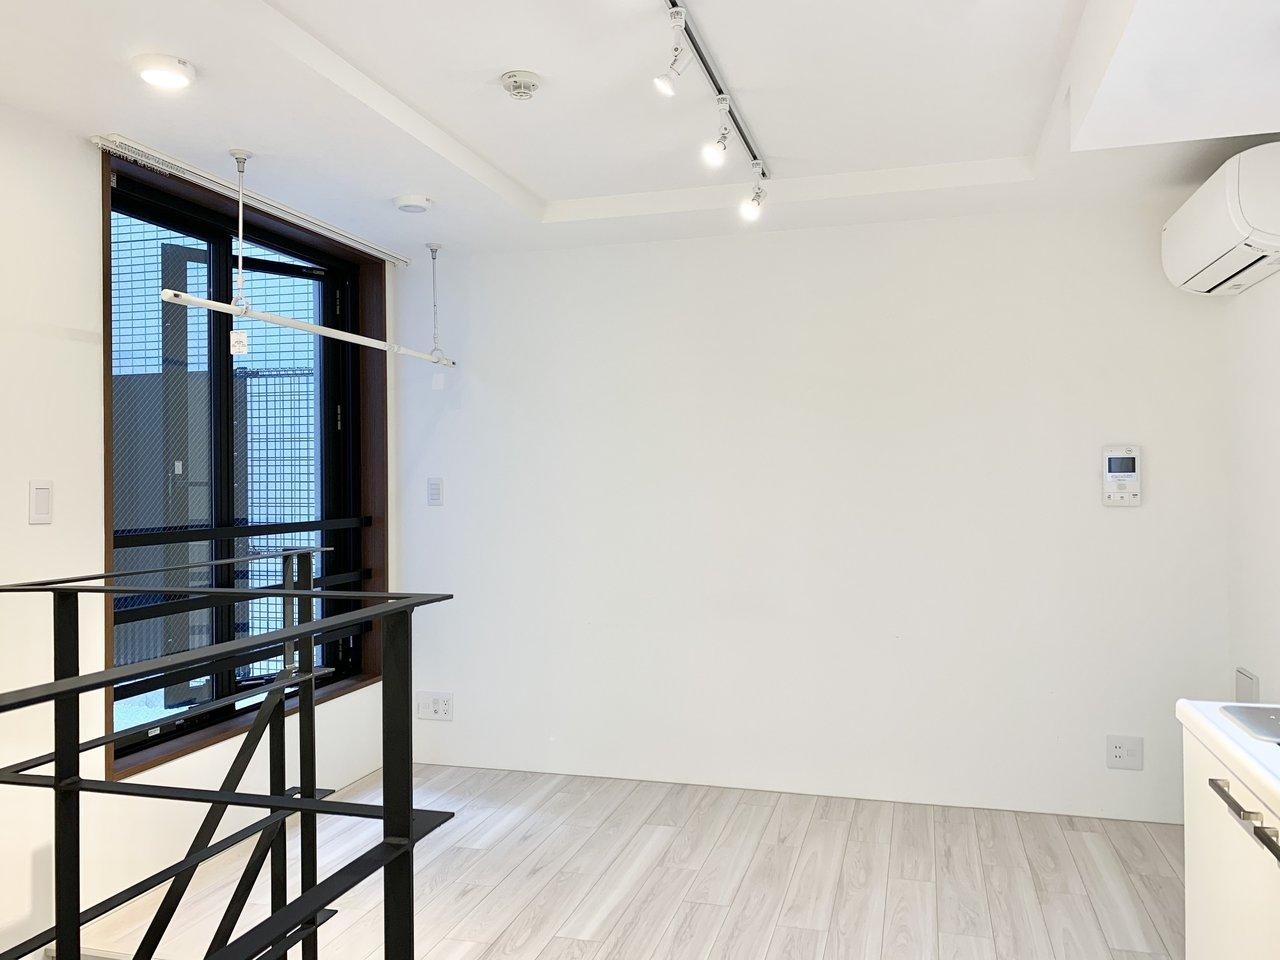 メゾネットタイプになっていて、上階は上品なホワイト空間。どんなインテリアも映えそうです。